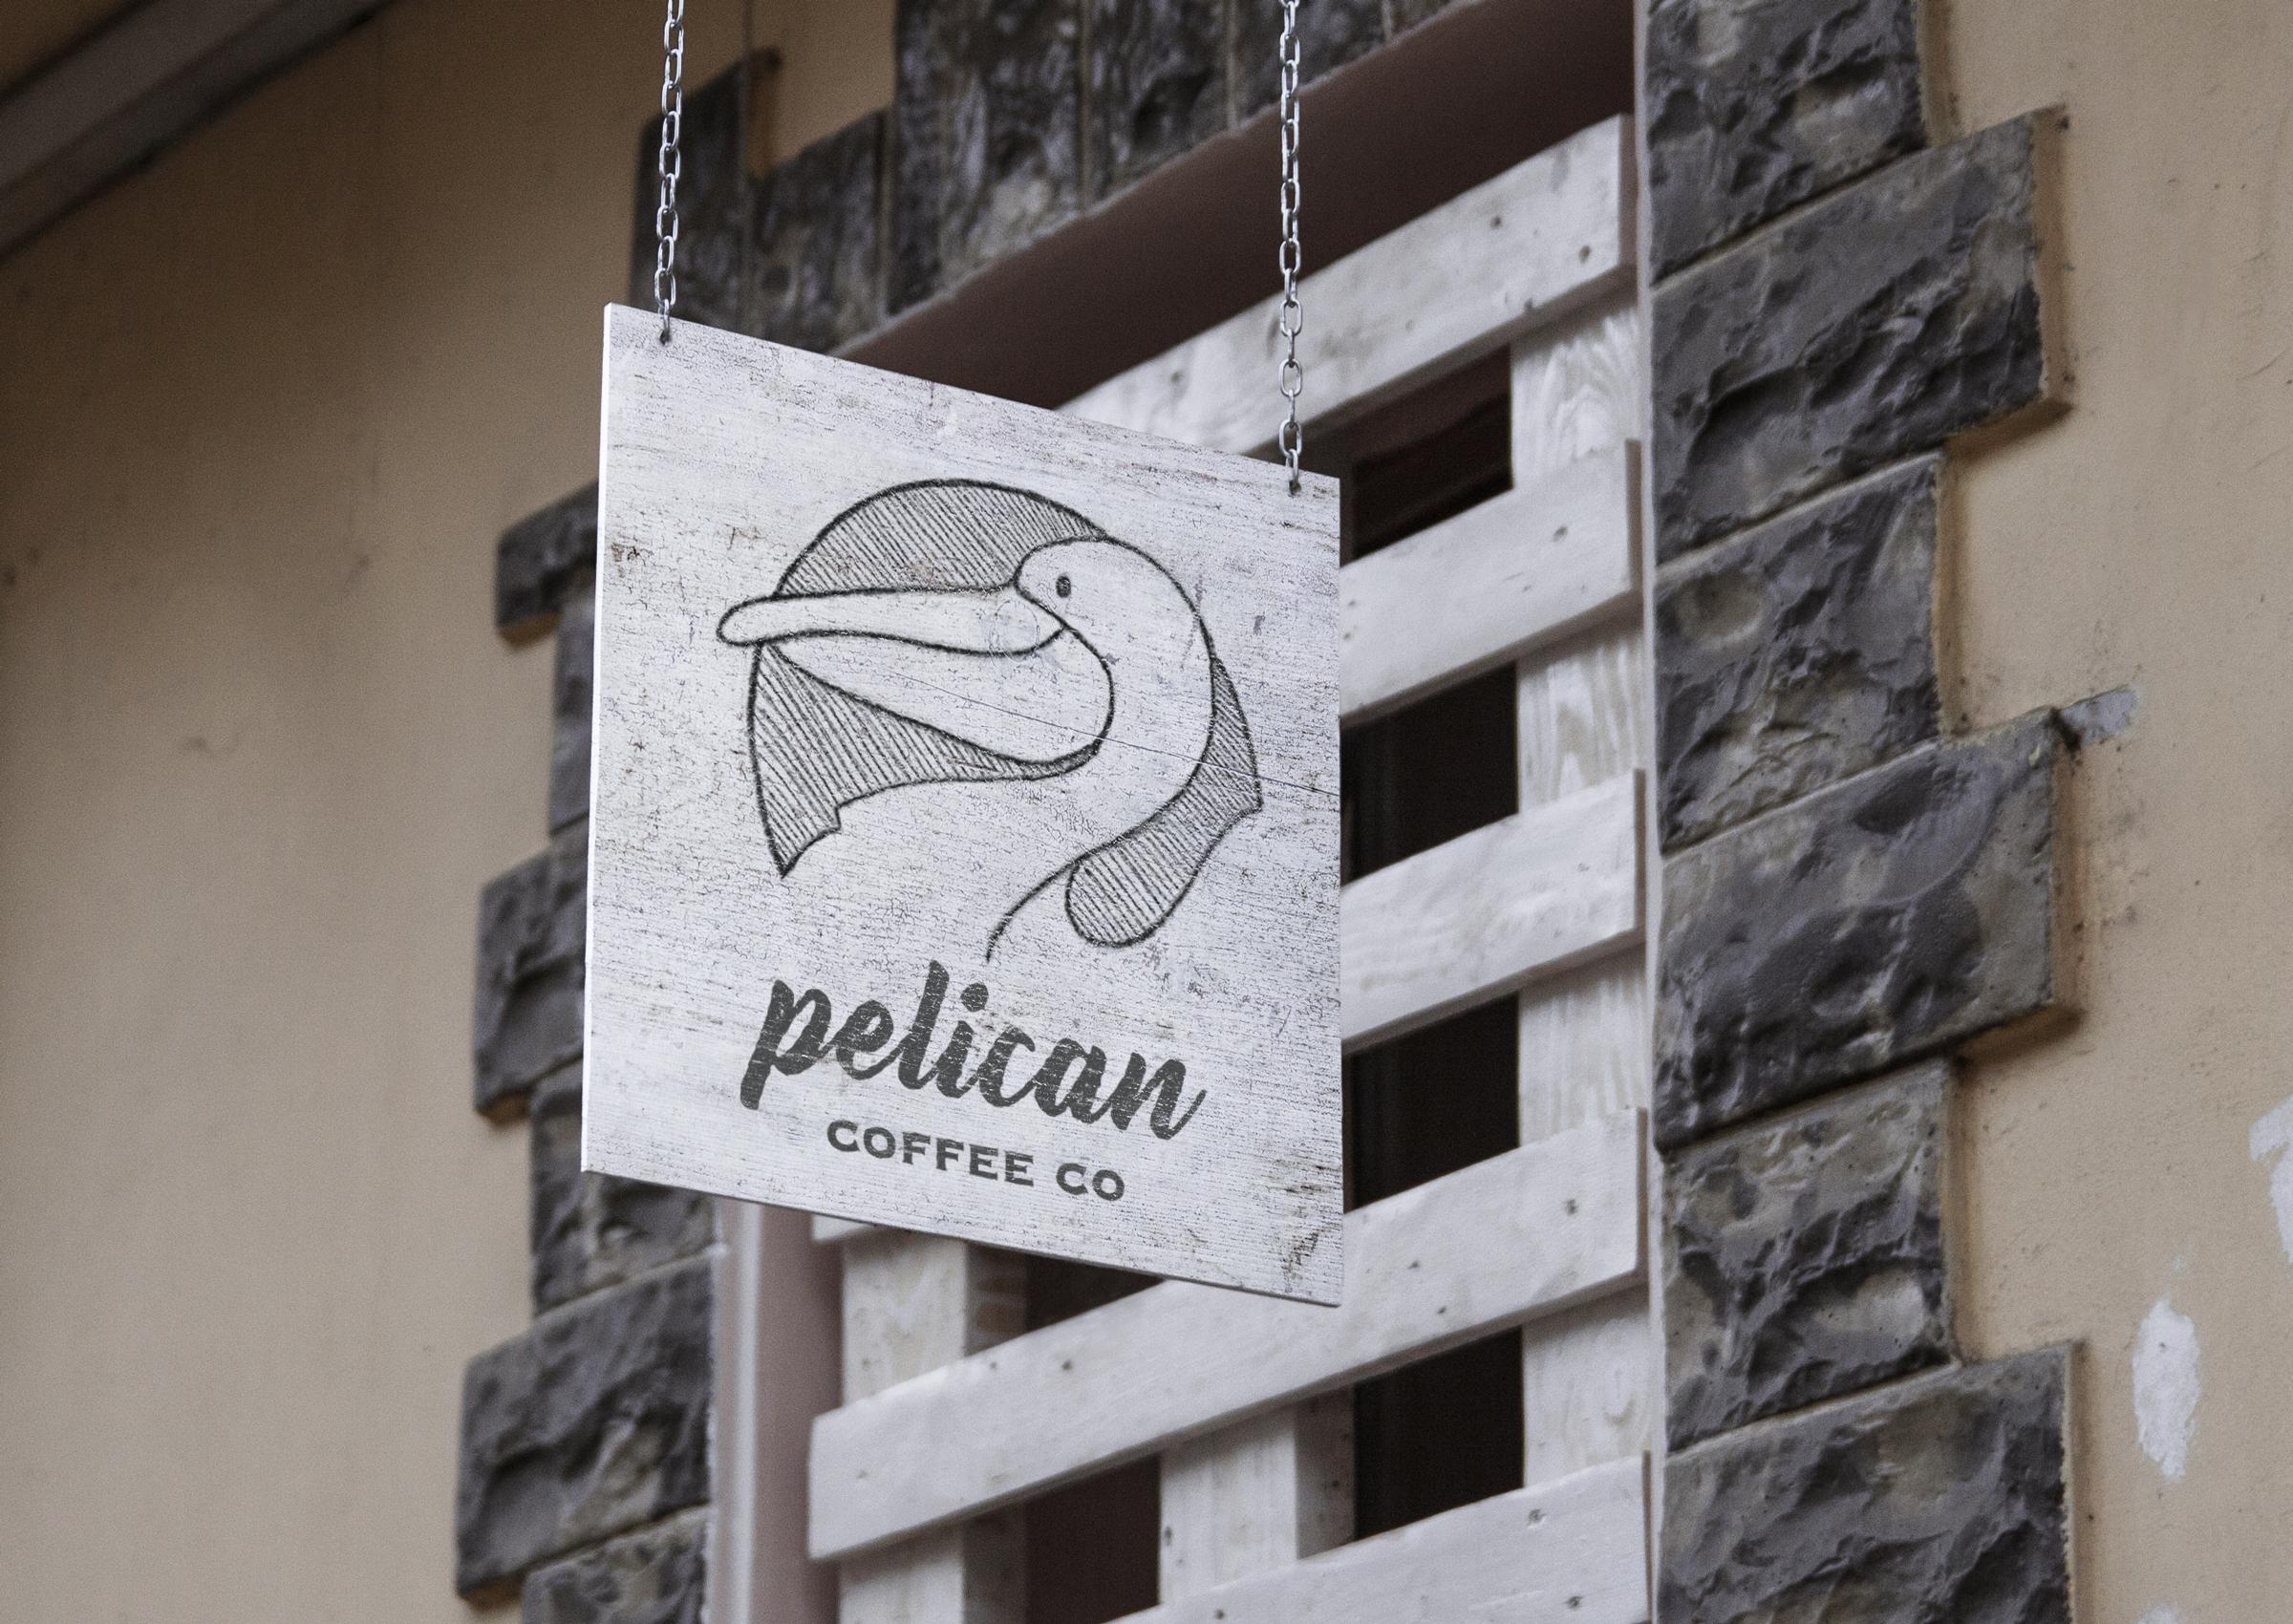 HangingSignMockUp_pelicancoffee.jpg